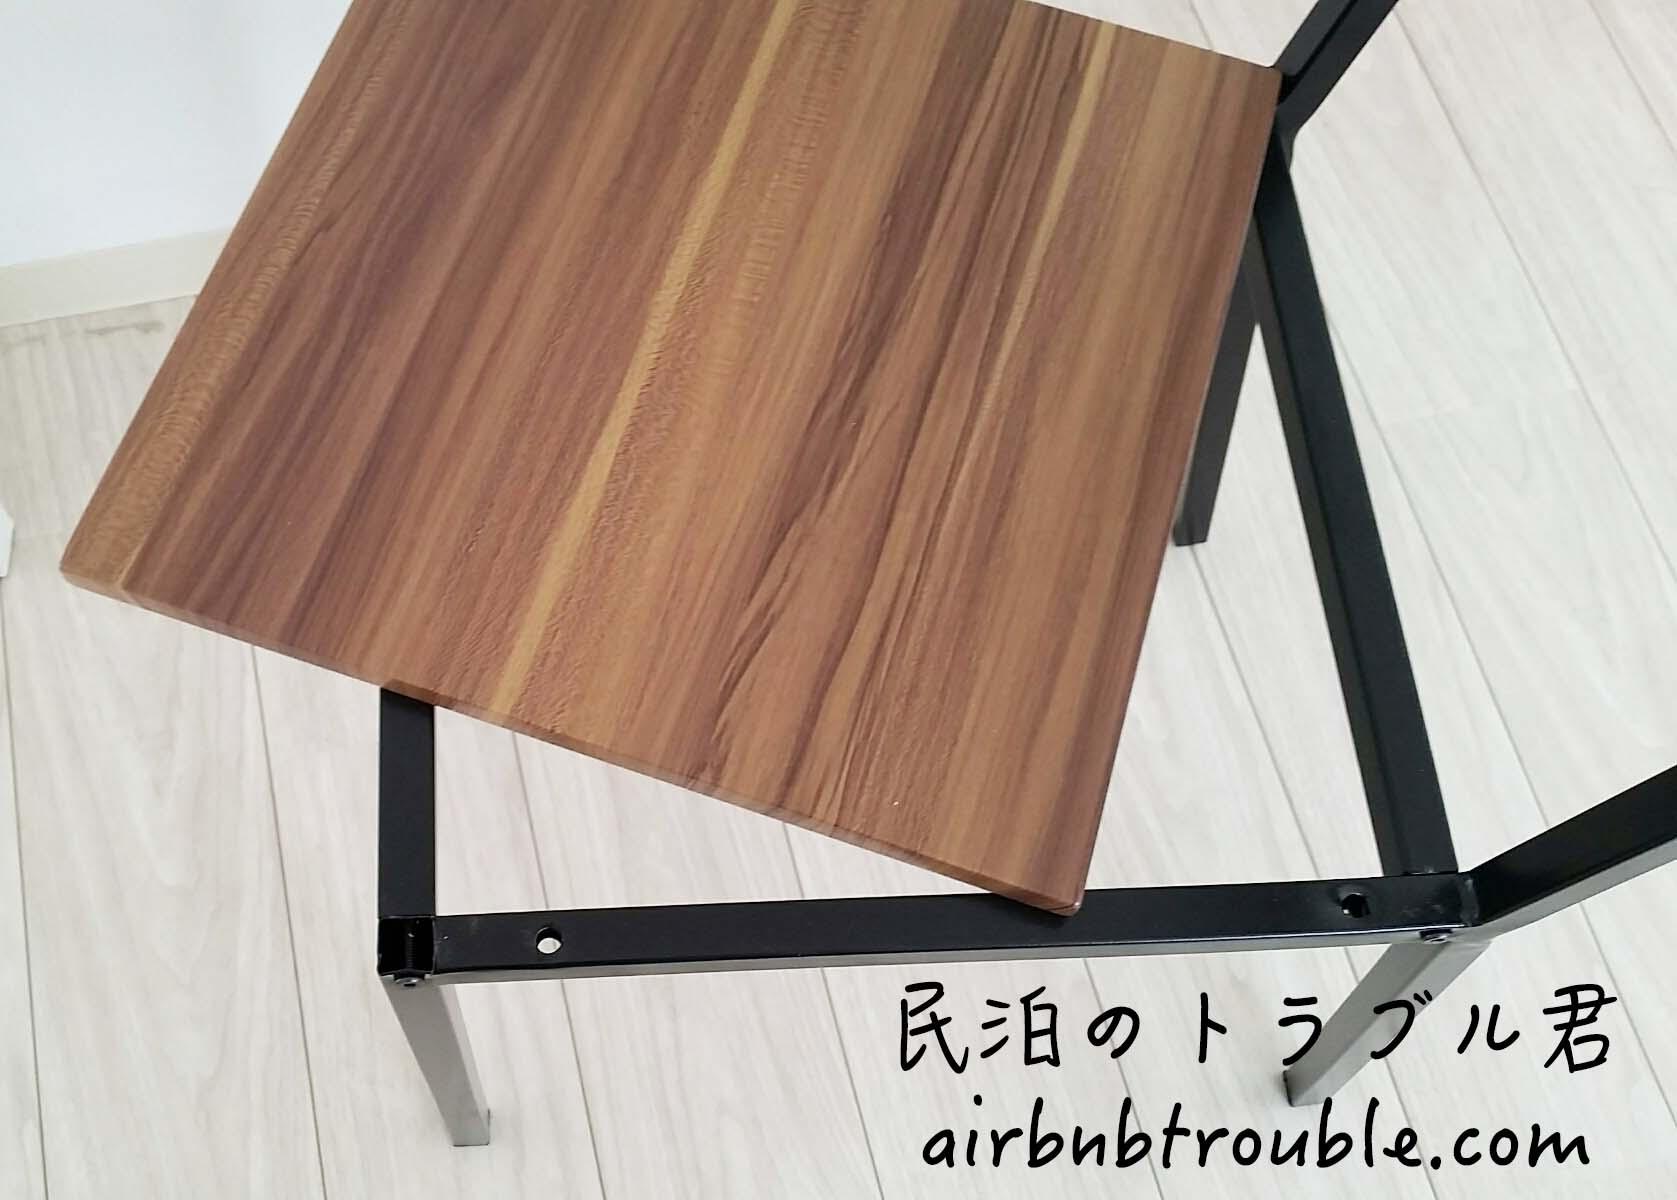 【故障】食卓椅子の座る部分ネジ外されネジも紛失。